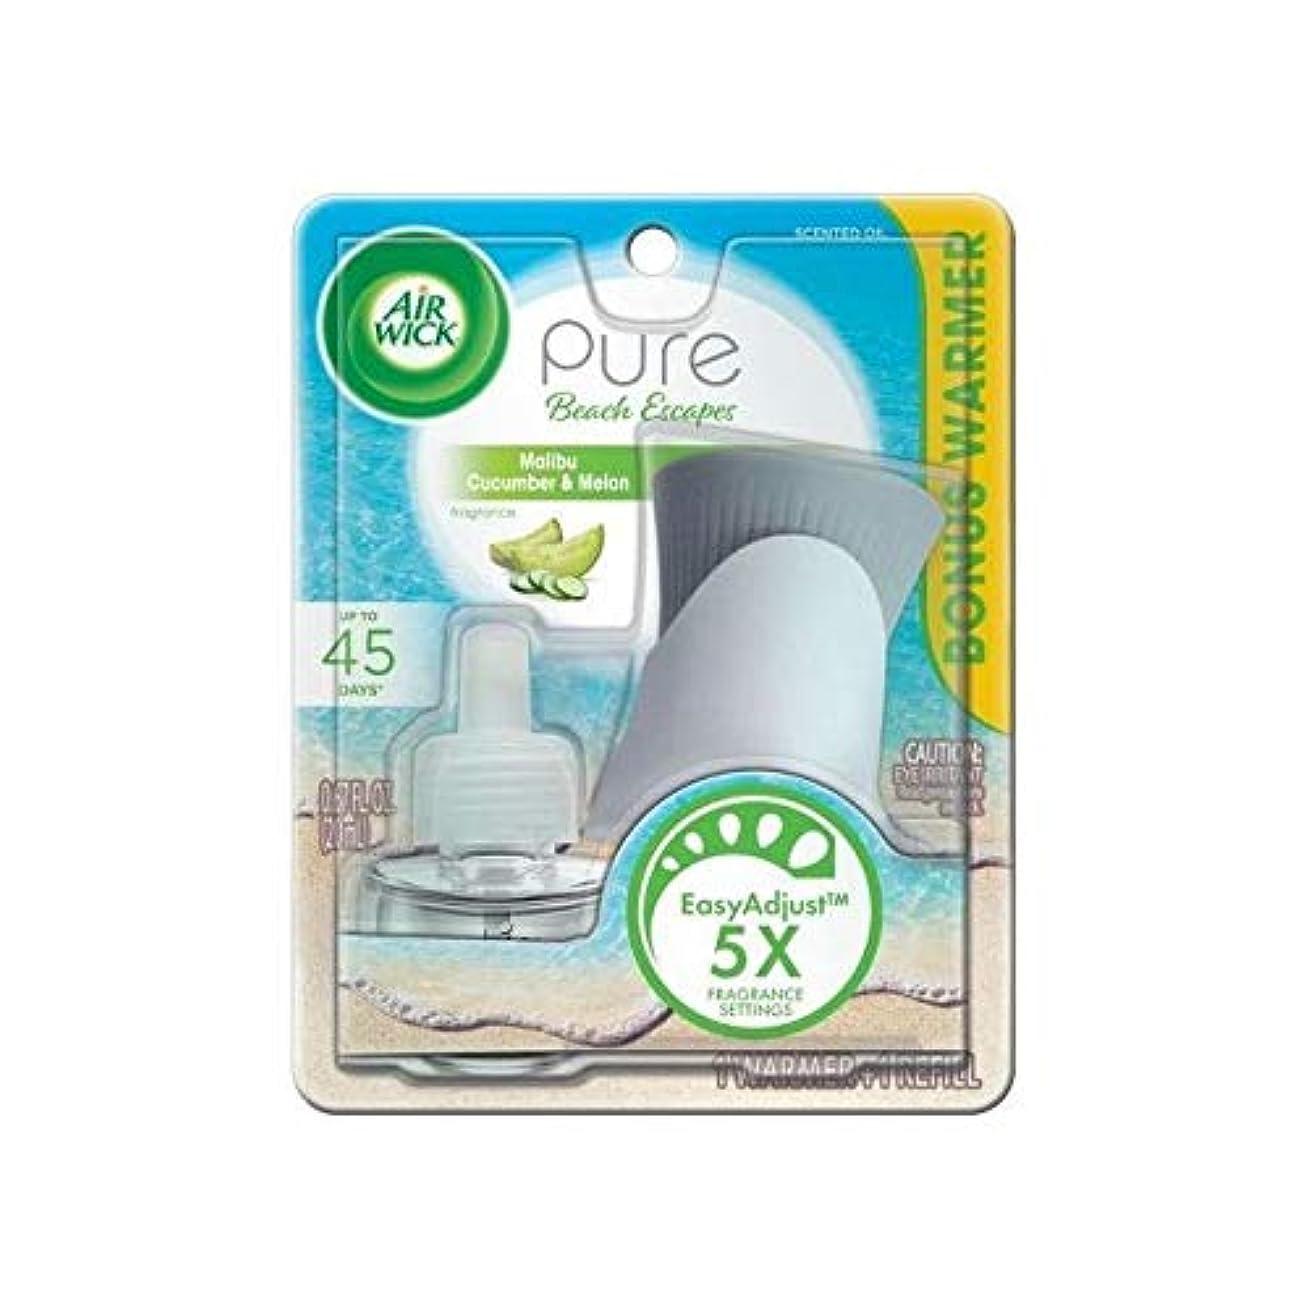 インシュレータテーマ奨励します【Air Wick/エアーウィック】 プラグインスターターセット オイルウォーマー本体+詰替えリフィル1個 マリブ キューカンバー&メロン Air Wick Pure Beach Escapes Malibu Cucumber & Melon Scented Oil Starter Kit [並行輸入品]